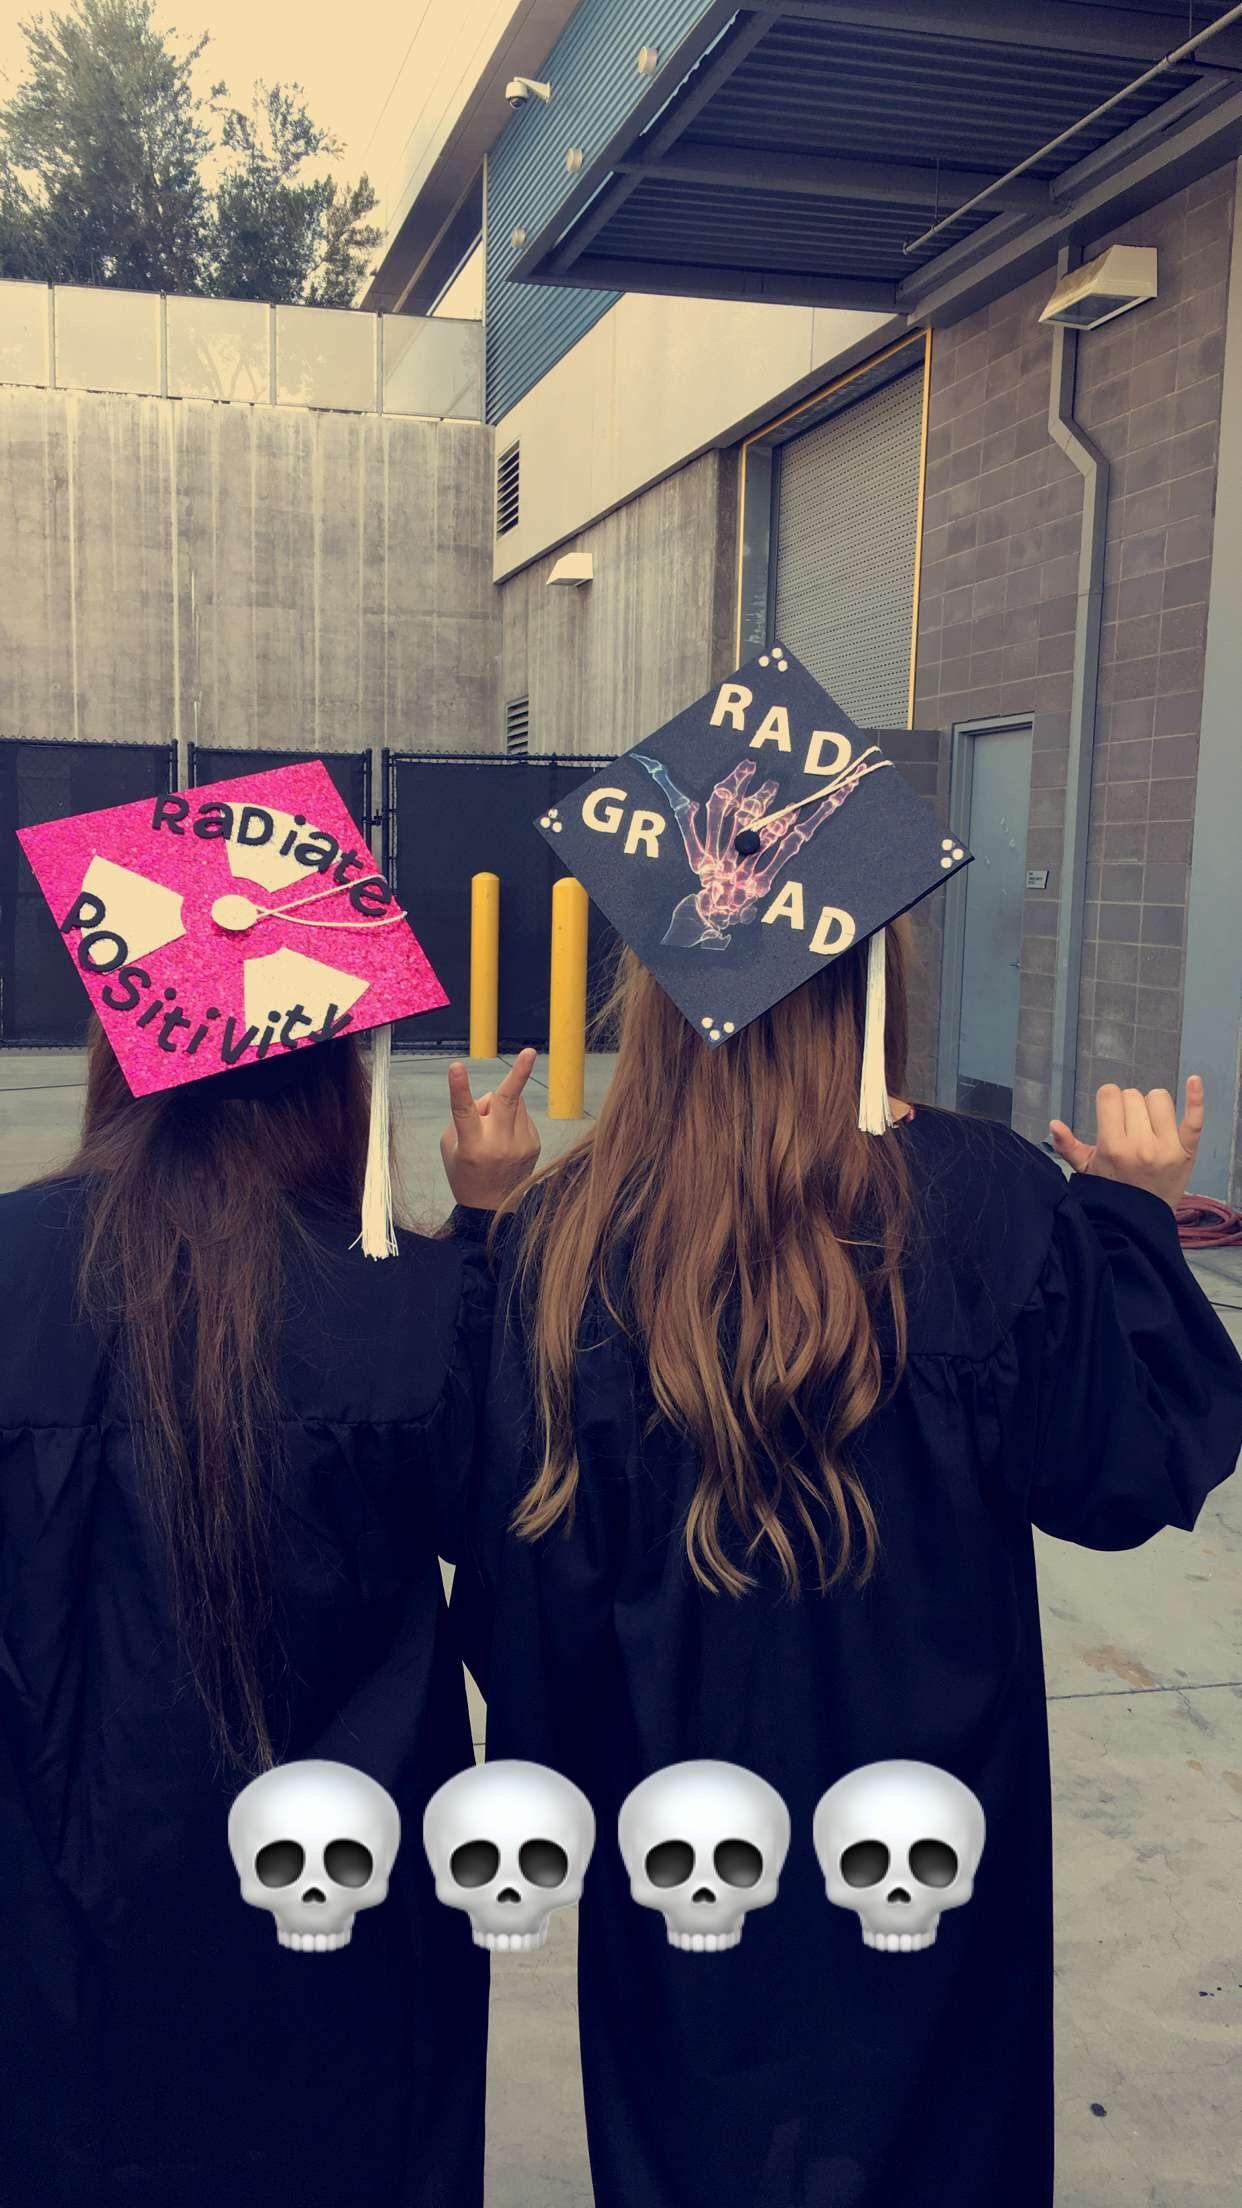 Xray Graduation Caps Grad Cap Radiation